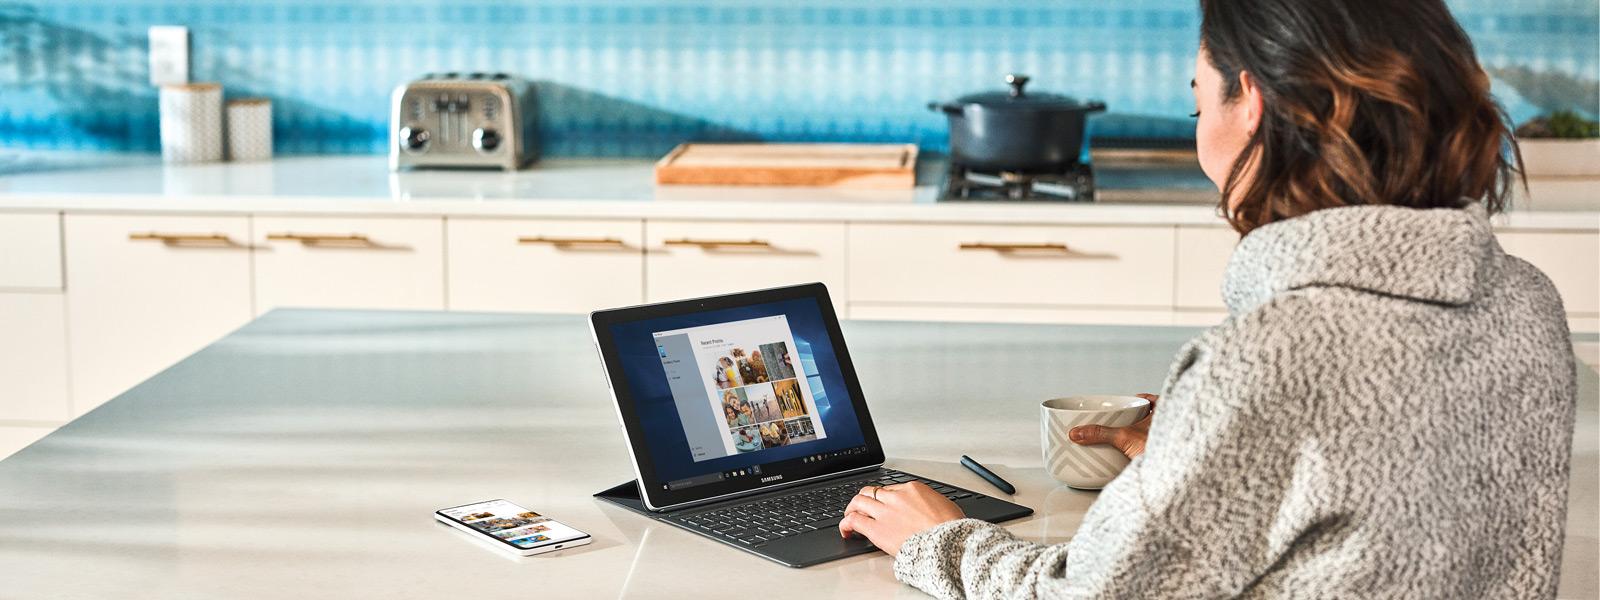 Uma mulher sentada junto à bancada da cozinha a utilizar um computador portátil Windows 10 com o telemóvel